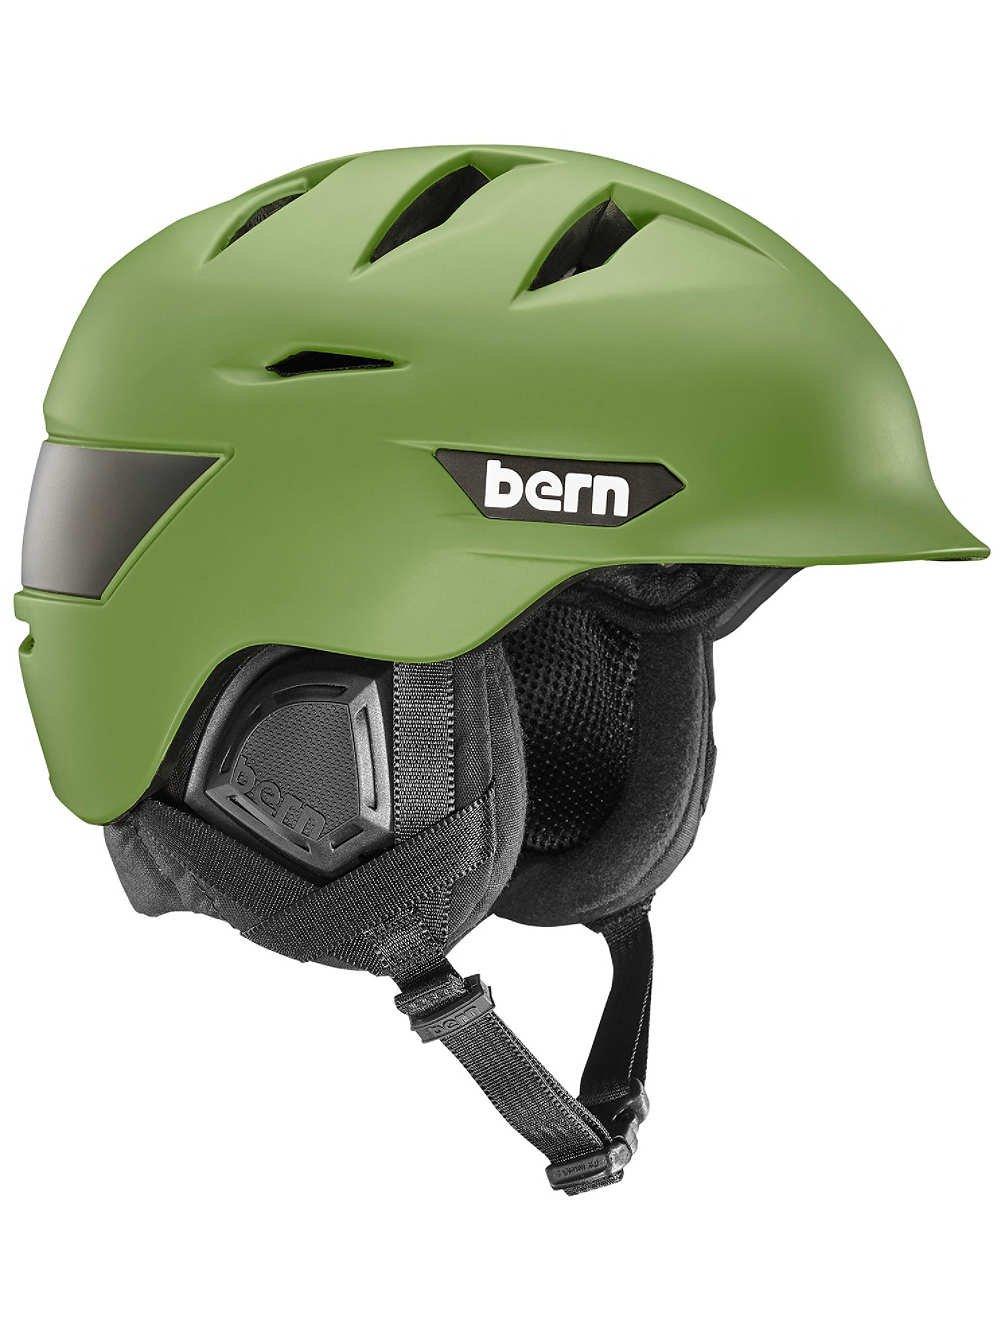 Bernヘルメット – BernヘルメットRollins – マットブラック B01M1G79TC S/M matte fatigue green matte fatigue green S/M